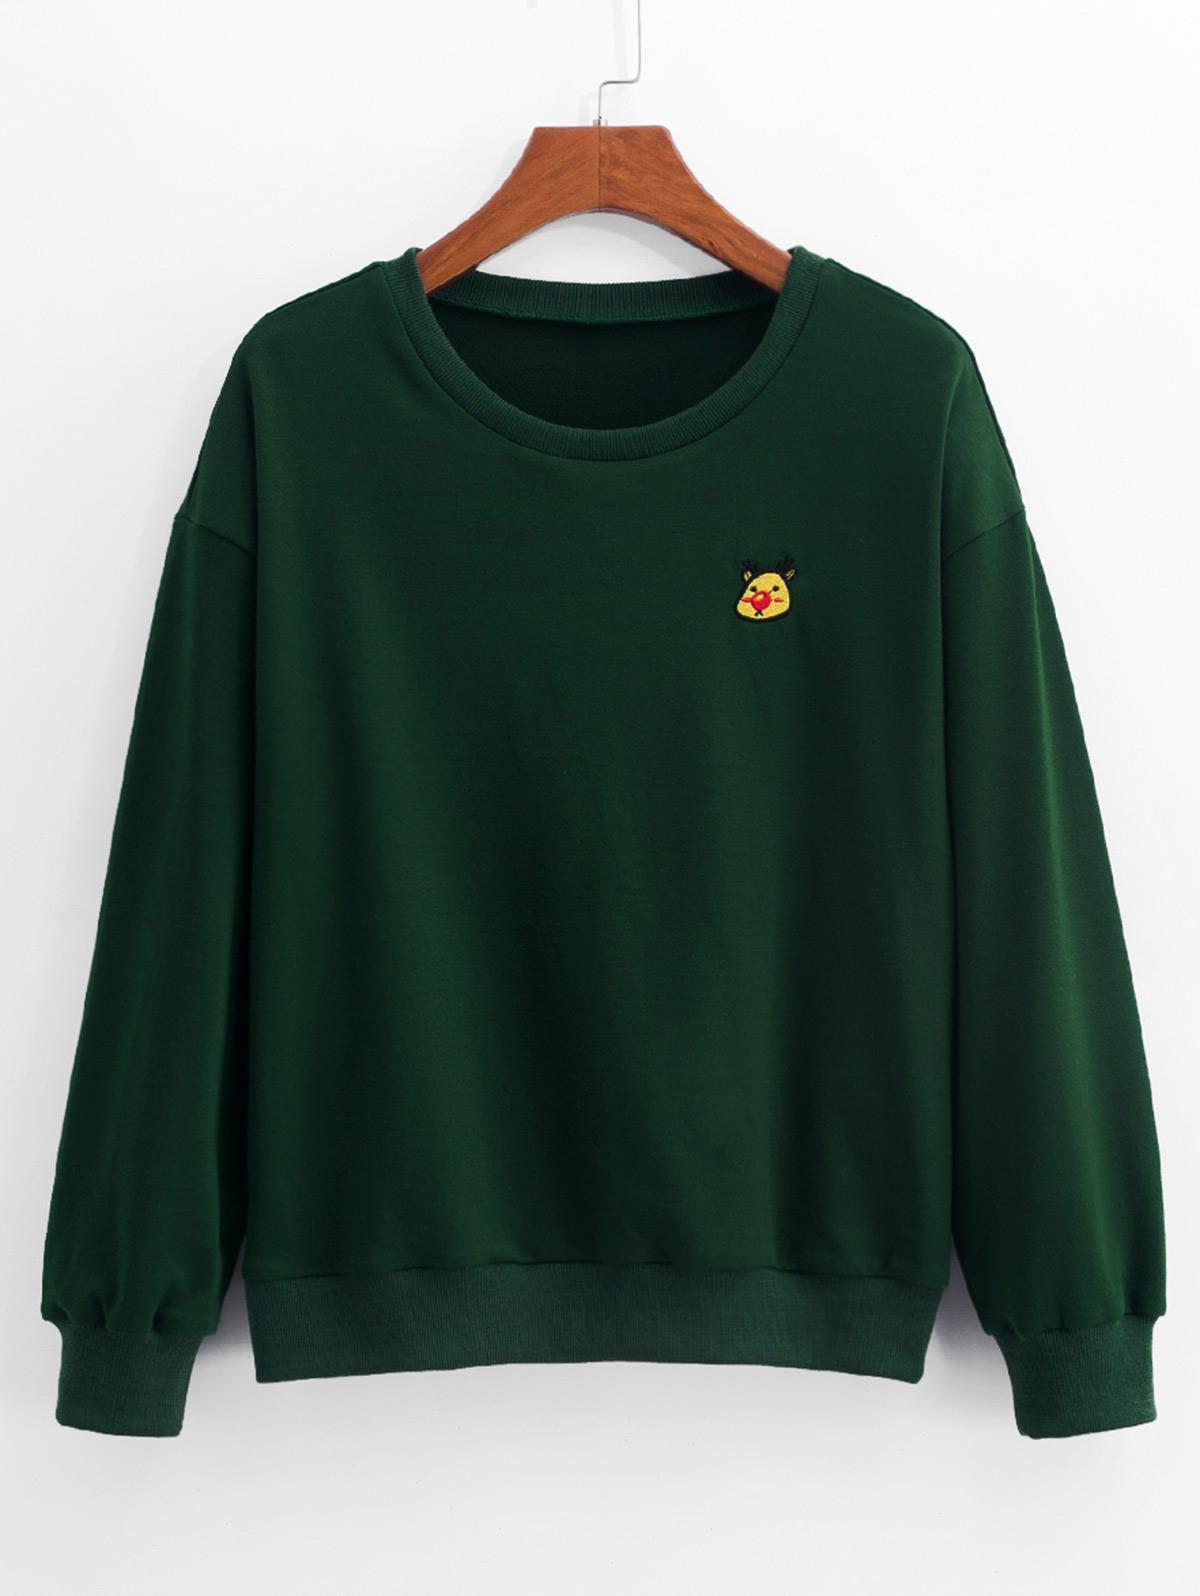 ZAFUL Deer Head Embroidery Long Sleeve Casual Sweatshirt thumbnail